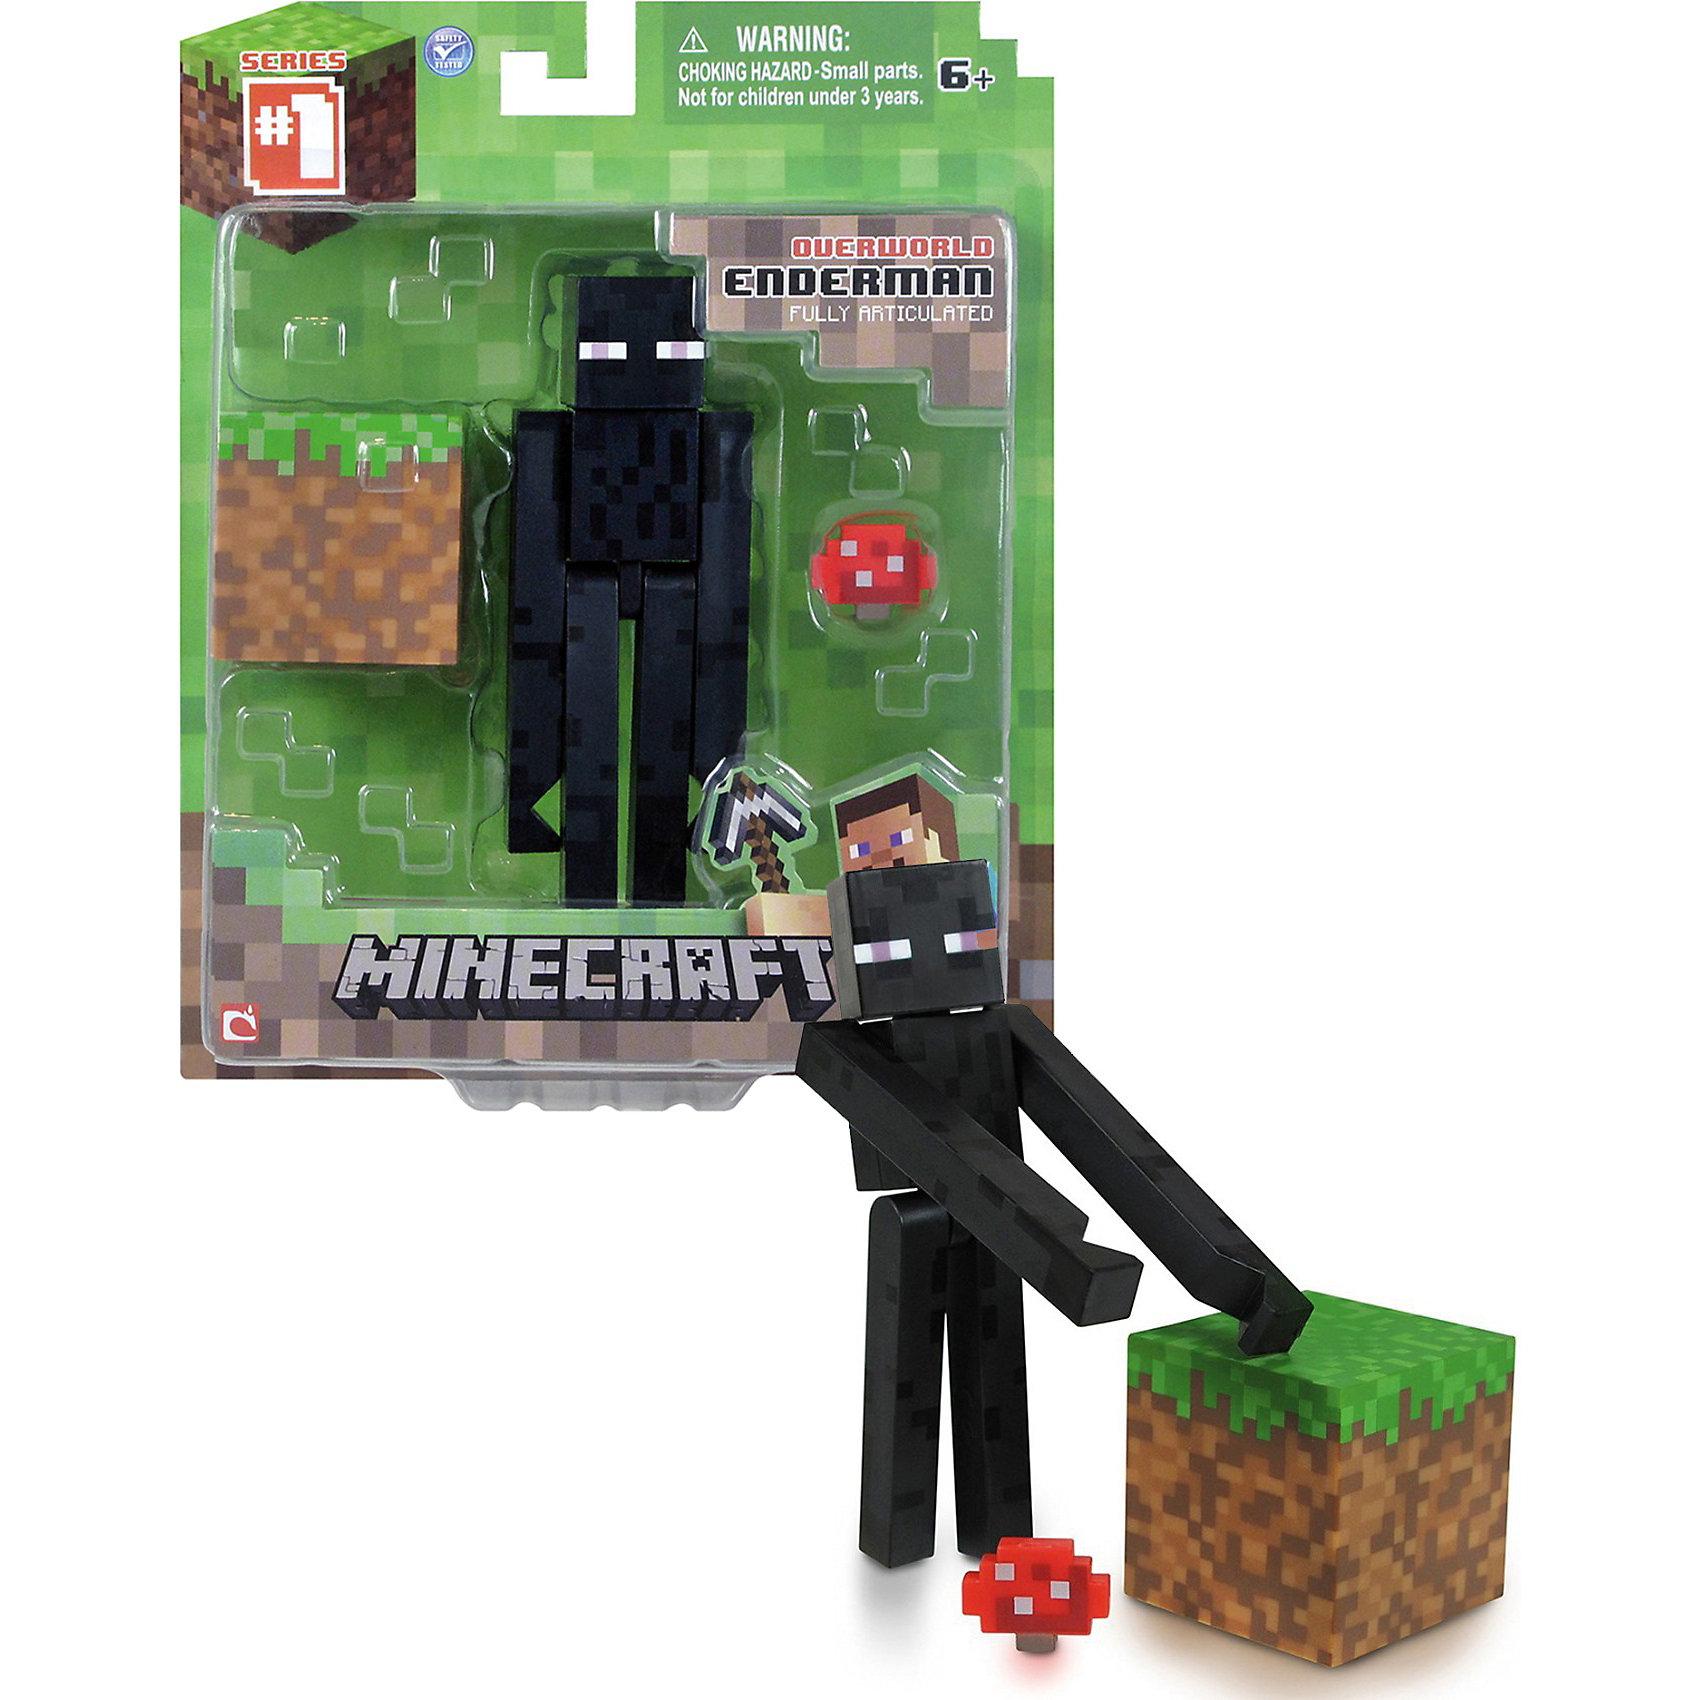 Фигурка Эндермен, 8см, MinecraftСтранник края, с аксессуарами, 8 см, Minecraft (Майнкрафт) - фигурка из виртуального мира Minecraft. Игрушка изображает отрицательного персонажа, который умеет телепортироваться и наносит удары по ночам. Игрушка выполнена из высококачественного материала. В комплекте  с  фигуркой - красный гриб и блок- кубик. Собери всех участников игры и создай свой мир Minecraft.<br><br>Дополнительная информация:<br><br>- Цвет: черный, красный, зеленый, коричневый<br>- Высота: 8 см<br>- Материал: пластик<br>- Подвижные руки, ноги и голова<br>- Комплектация: фигурка, красный гриб, блок-кубик<br><br>Странника  края, с аксессуарами, 8 см, Minecraft (Майнкрафт)  можно купить в нашем магазине.<br><br>Ширина мм: 177<br>Глубина мм: 146<br>Высота мм: 50<br>Вес г: 90<br>Возраст от месяцев: 72<br>Возраст до месяцев: 120<br>Пол: Мужской<br>Возраст: Детский<br>SKU: 3712314